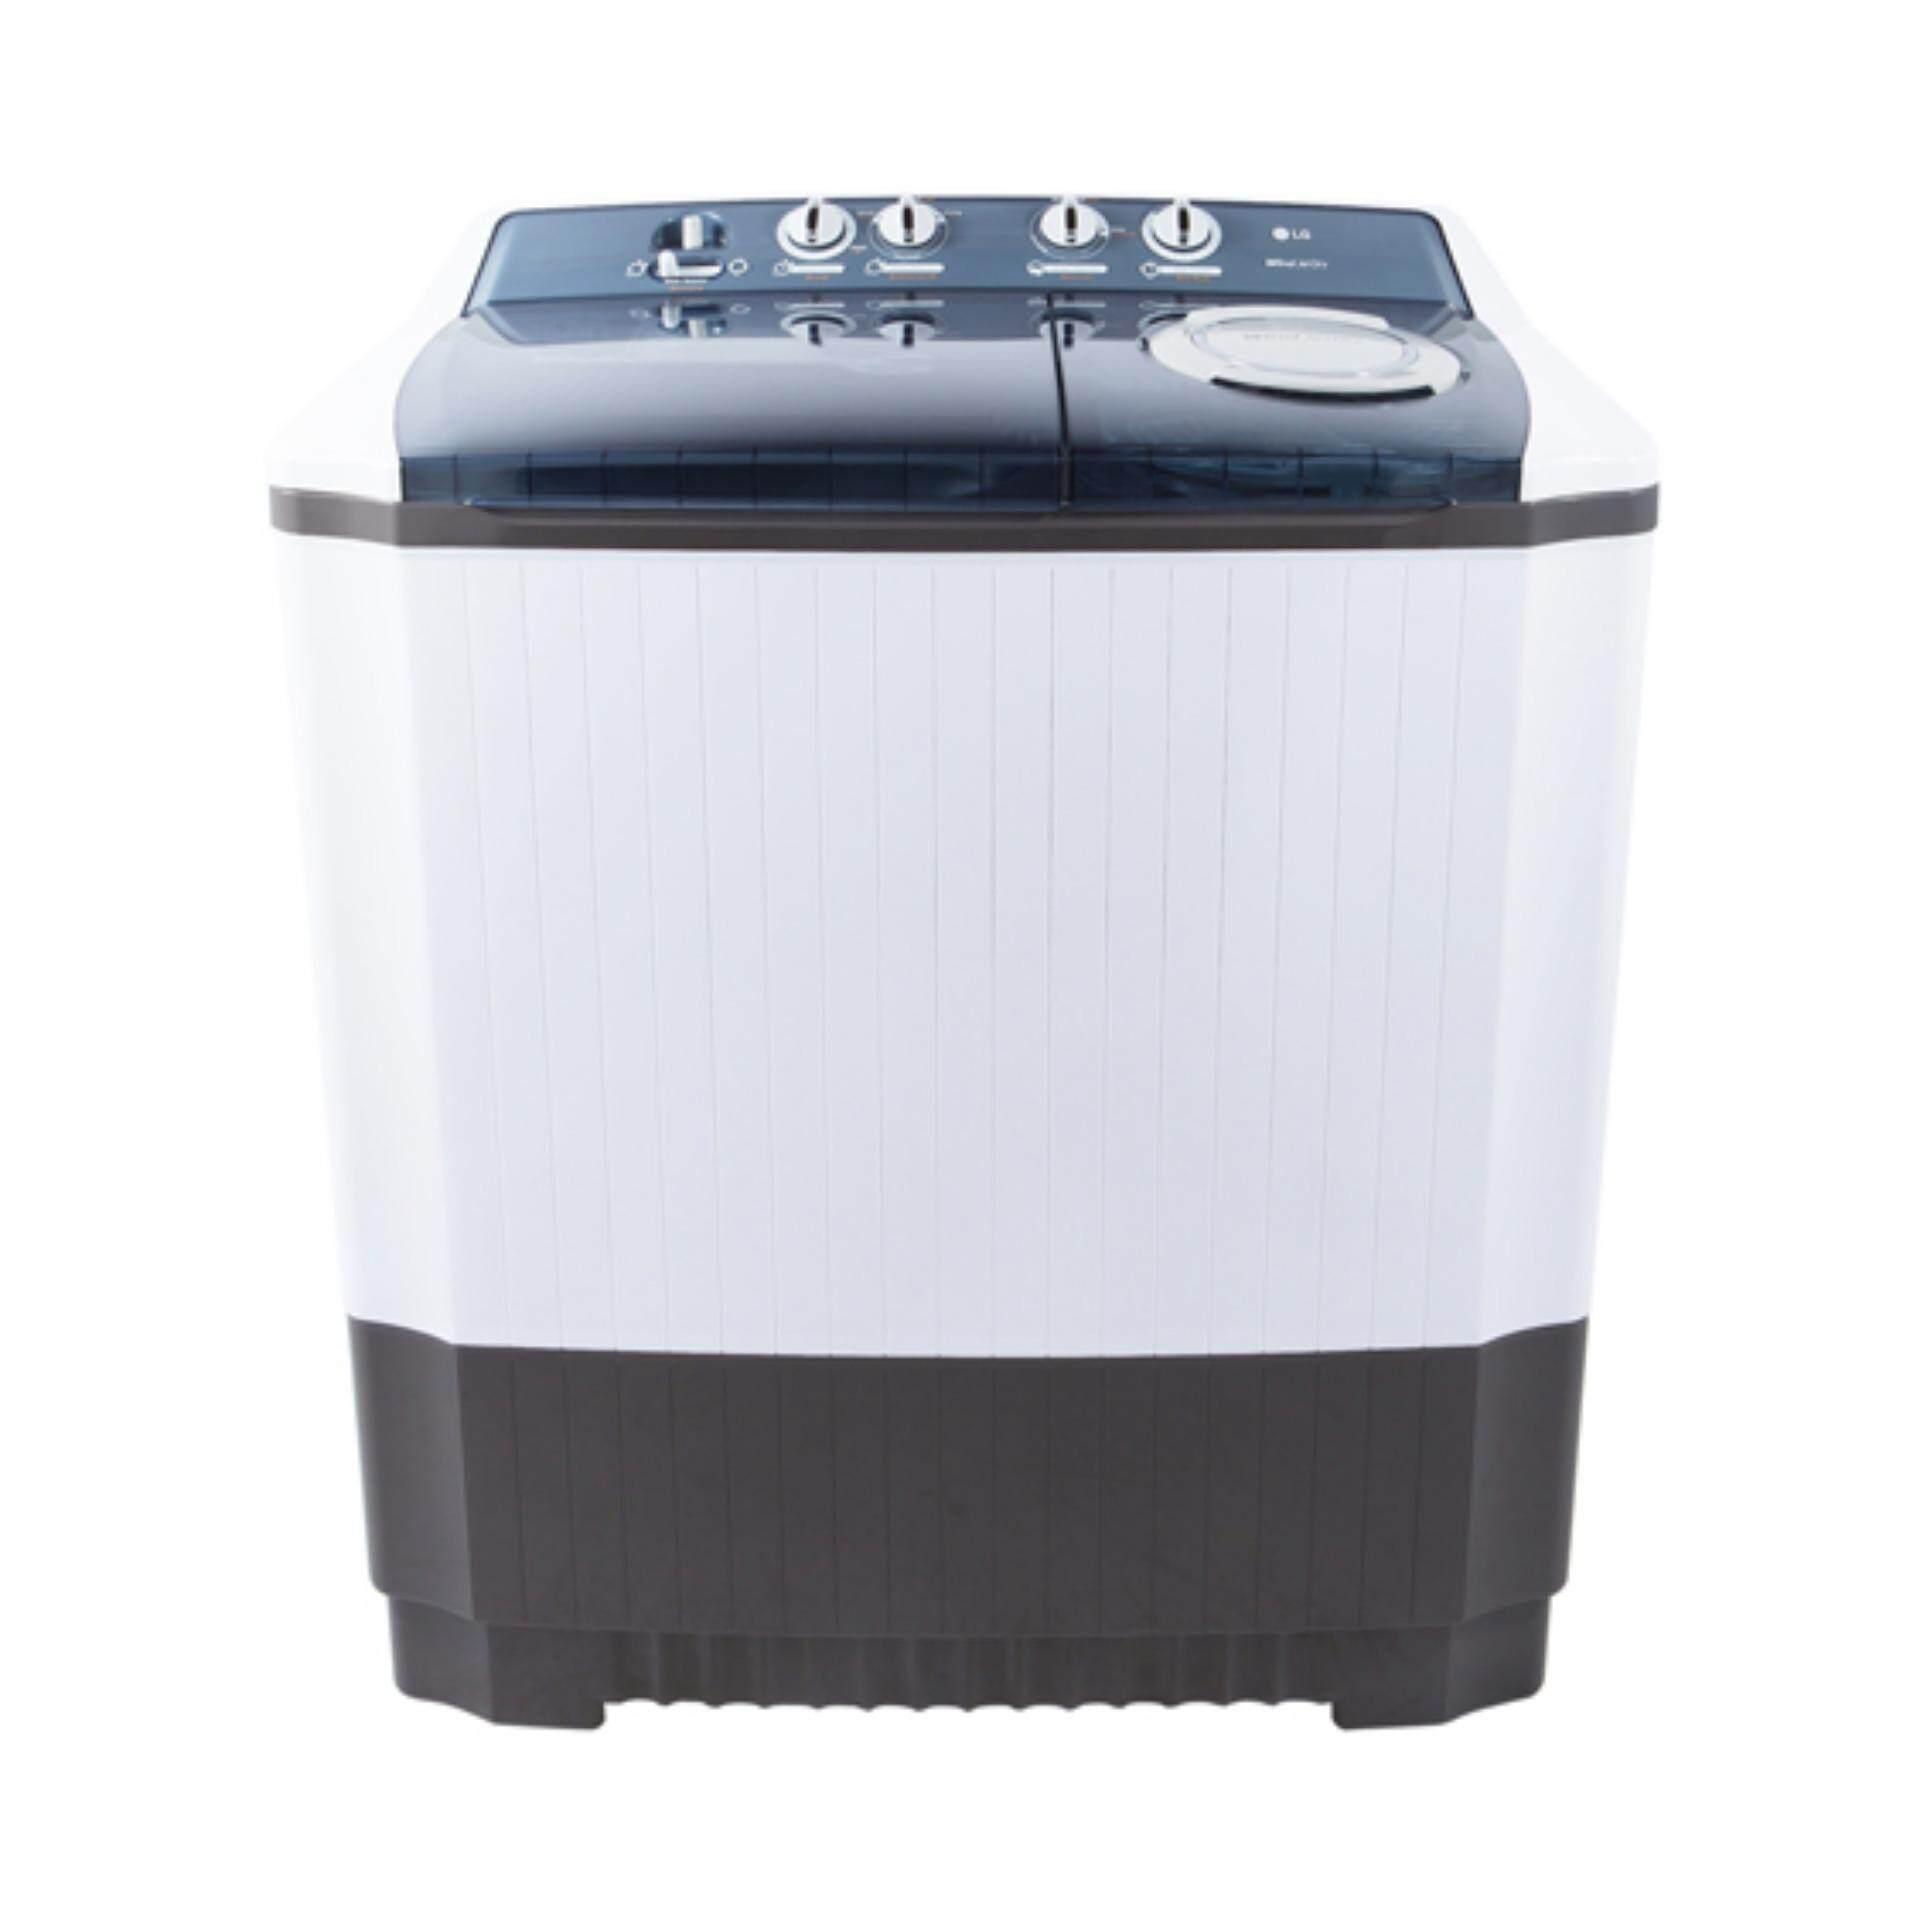 LG เครื่องซักผ้า 2 ถัง WP-1650WST ระบบ Roller Jet Punch + 3 ขนาดซัก 14 KG